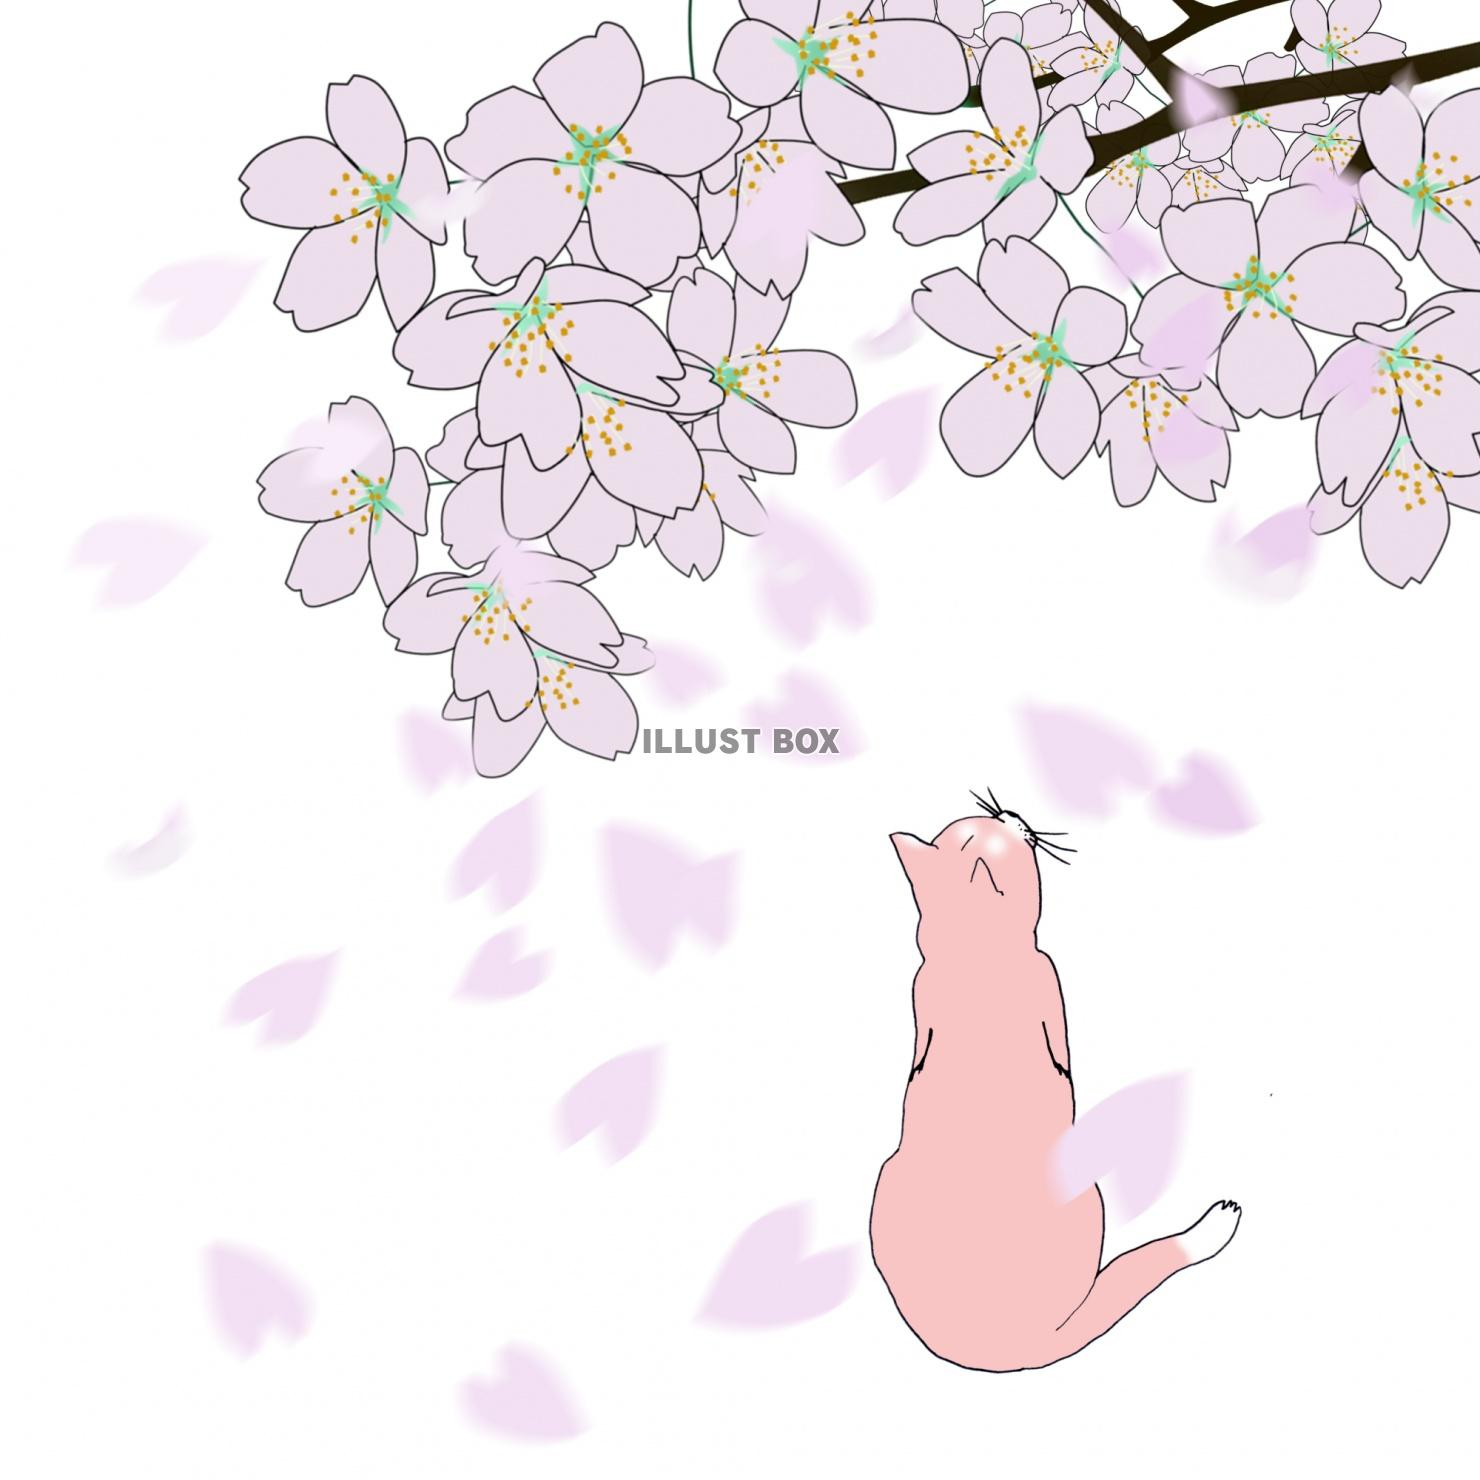 最も検索された 春 らしい イラスト ベスト 壁紙イラスト